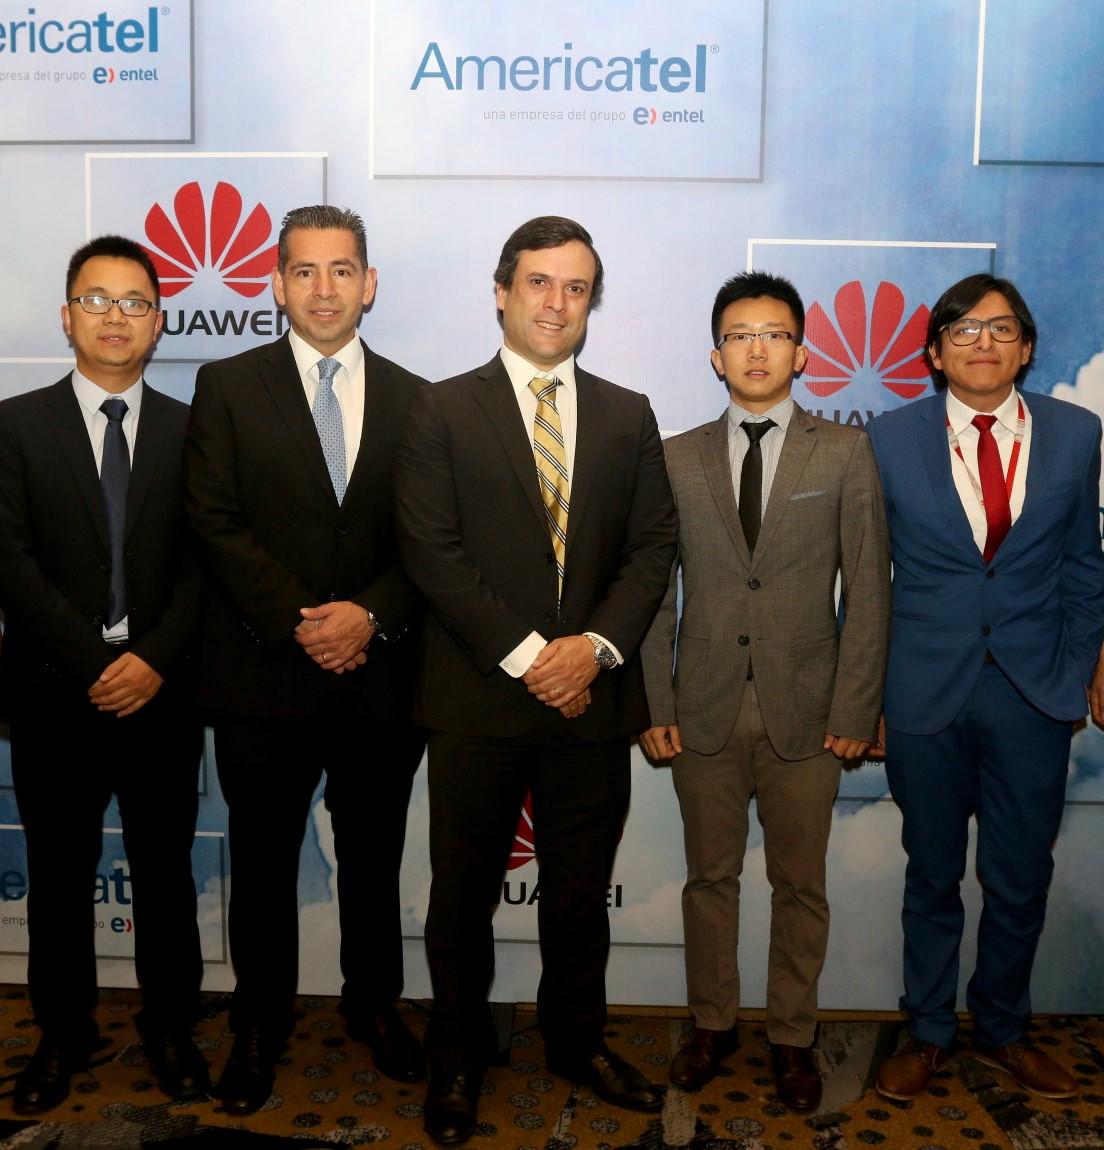 Americatel y Huawei.jpg